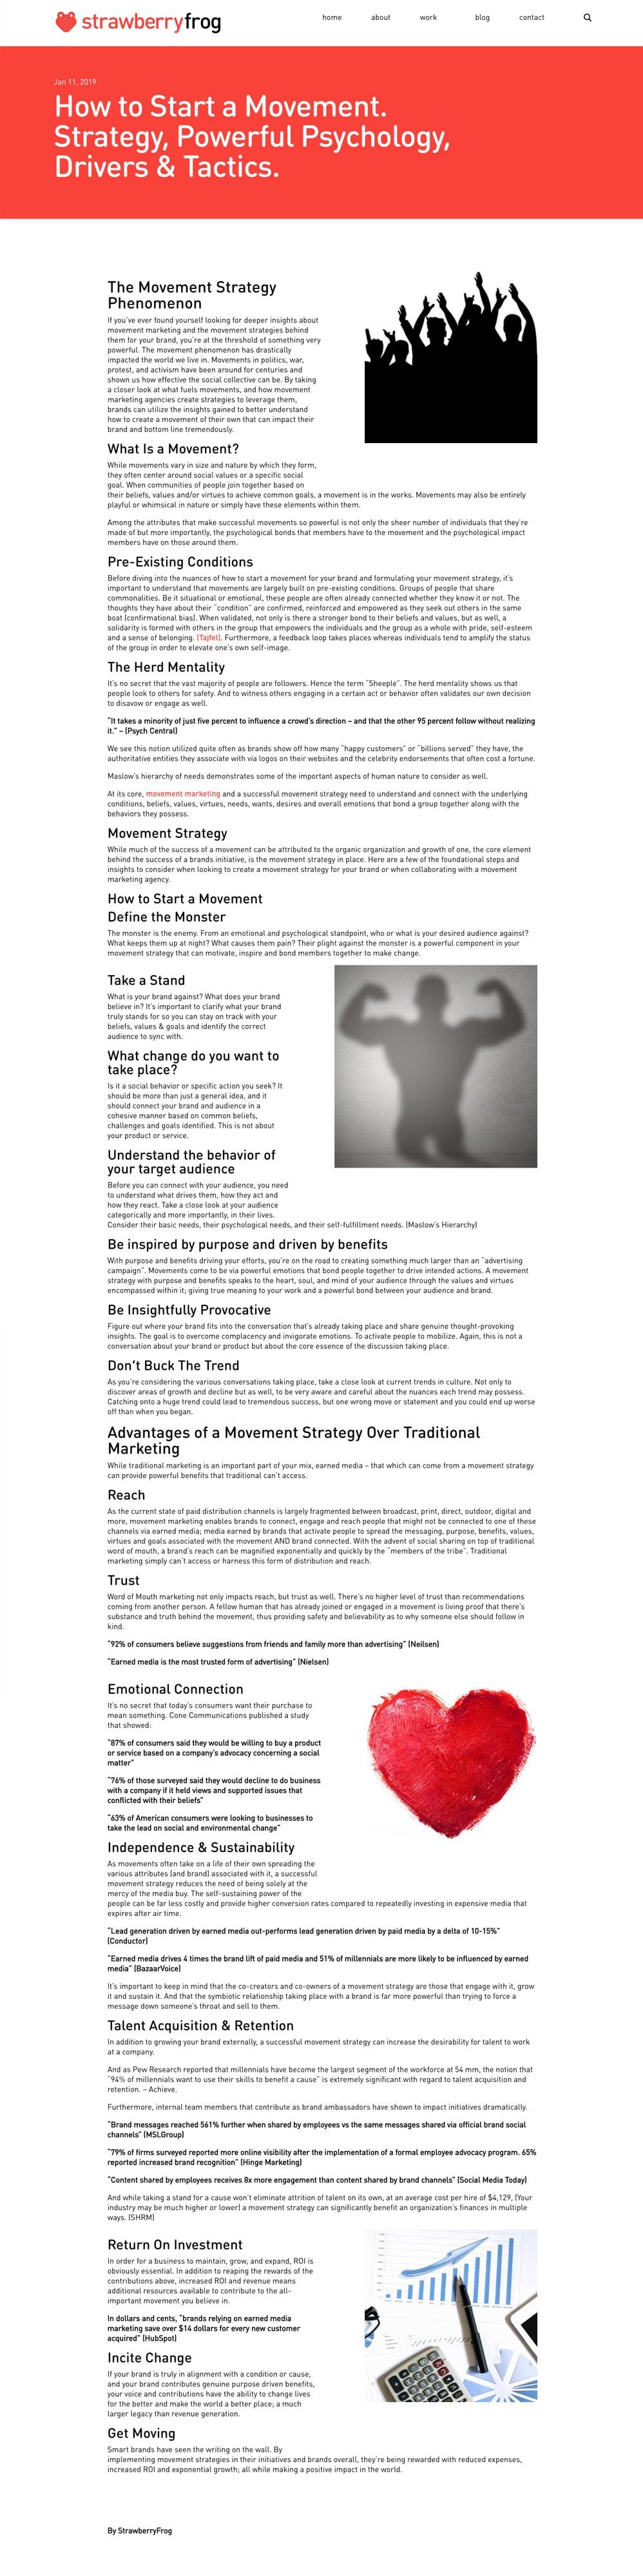 movement strategy